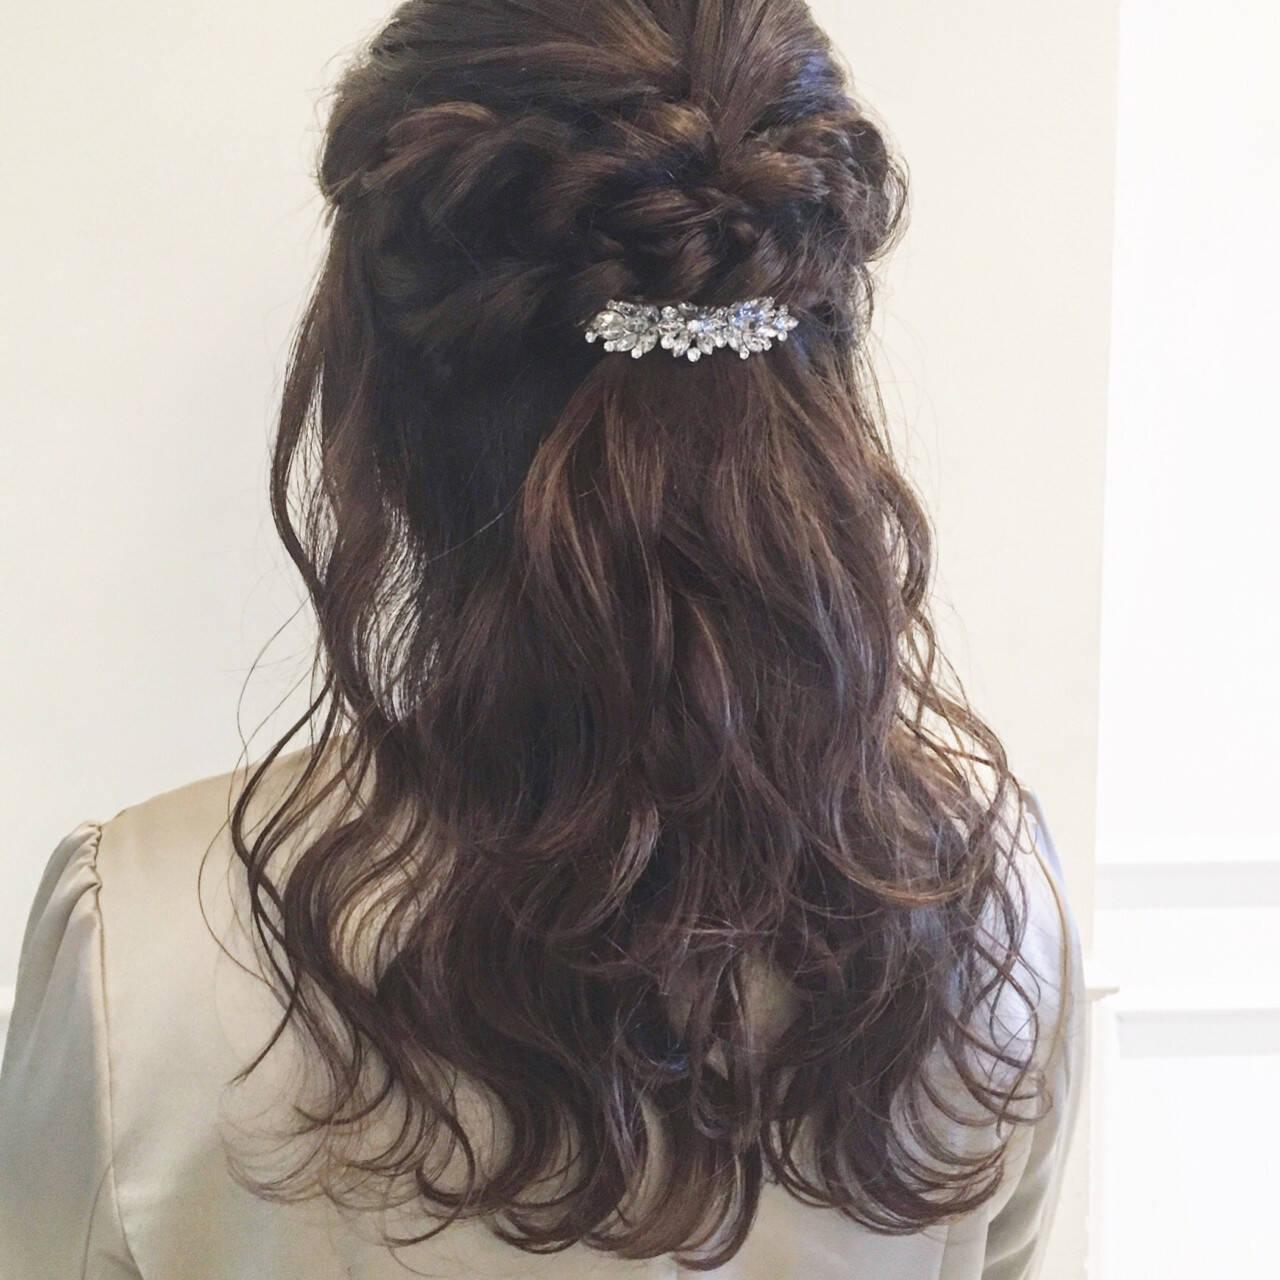 パーティ 結婚式 フェミニン ヘアアレンジヘアスタイルや髪型の写真・画像